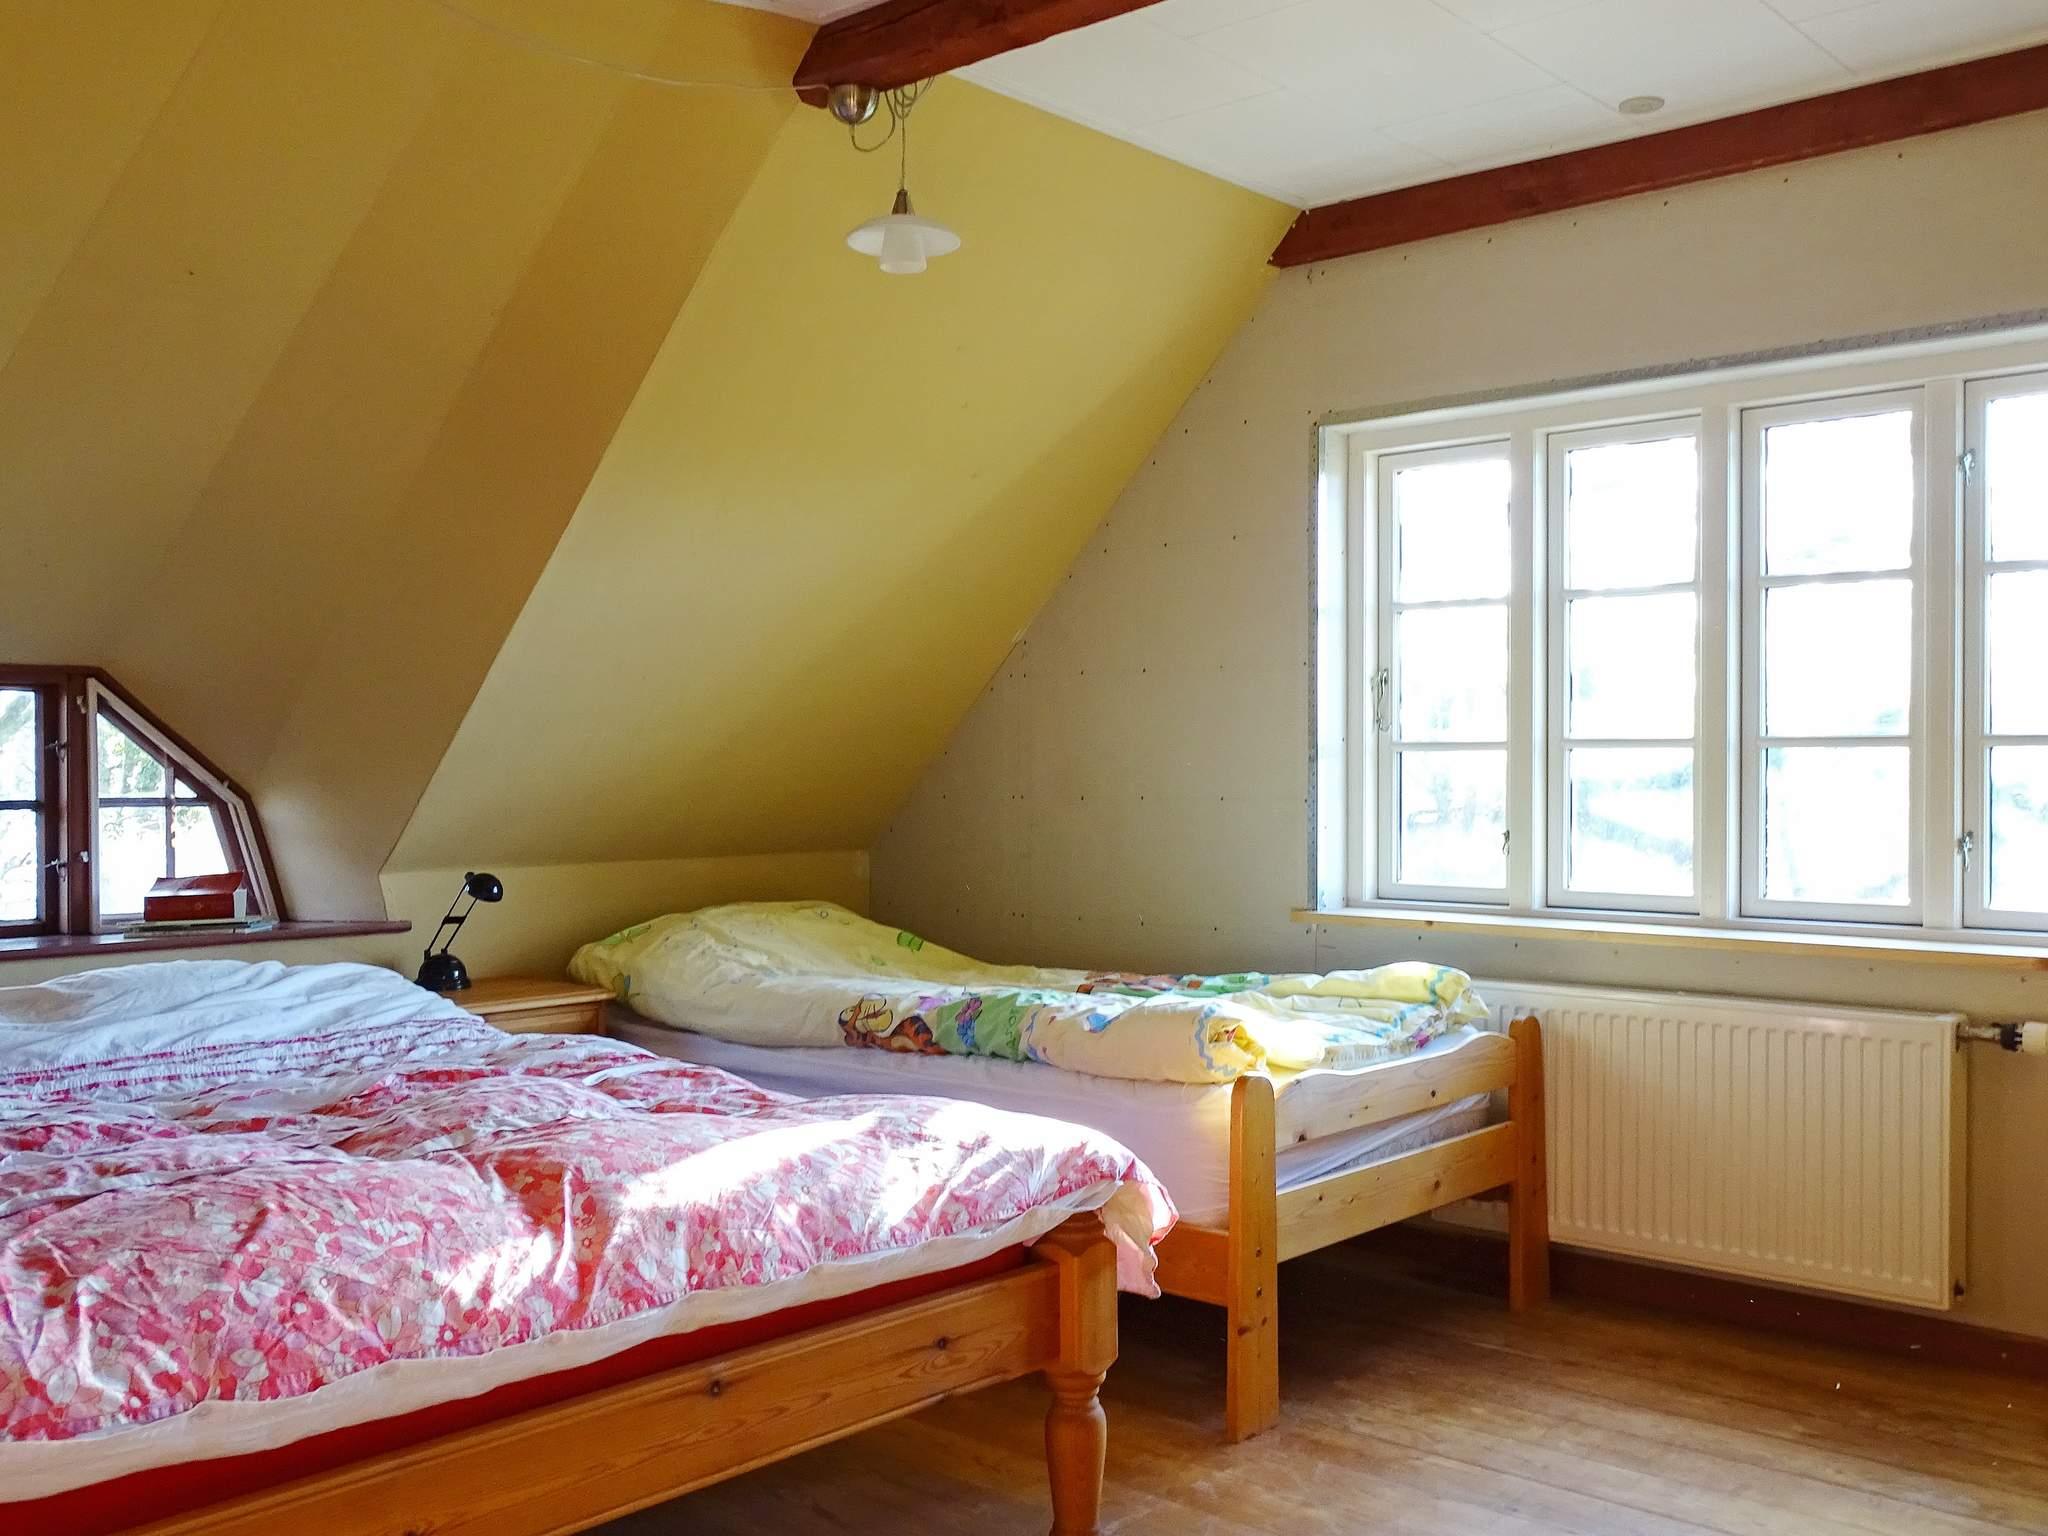 Ferienhaus Hou/Fyn (2032424), Tranekær, , Langeland, Dänemark, Bild 6